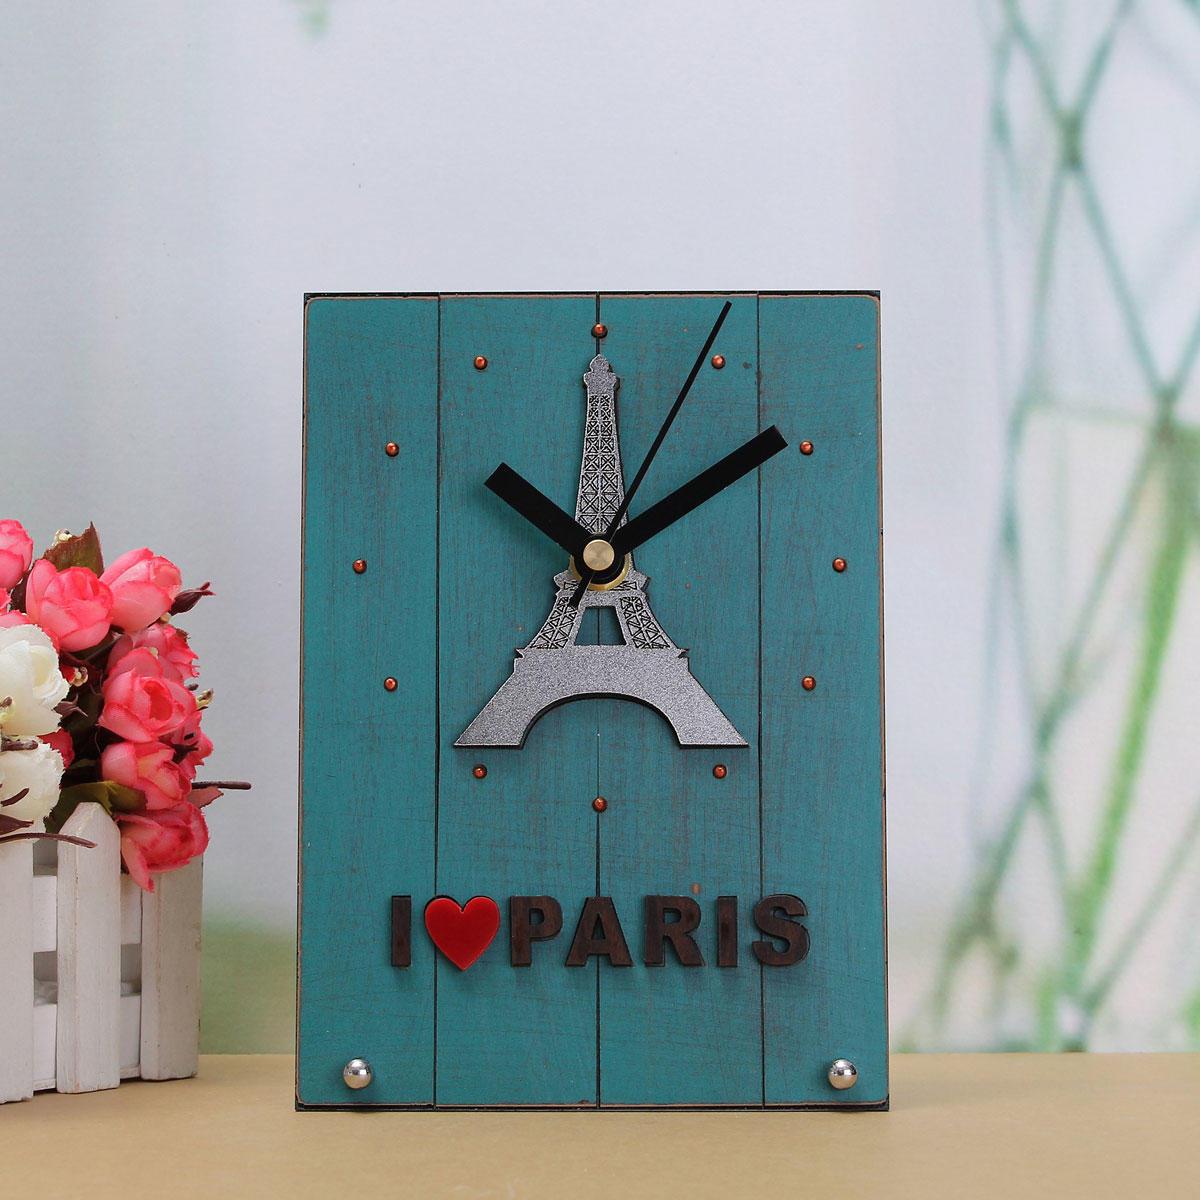 Эйфелева башня Винтаж голубой, я люблю Париж будильник часы настольные деревянные подарочные комн... ювелирные шармы bunny шарм подвеска я люблю париж